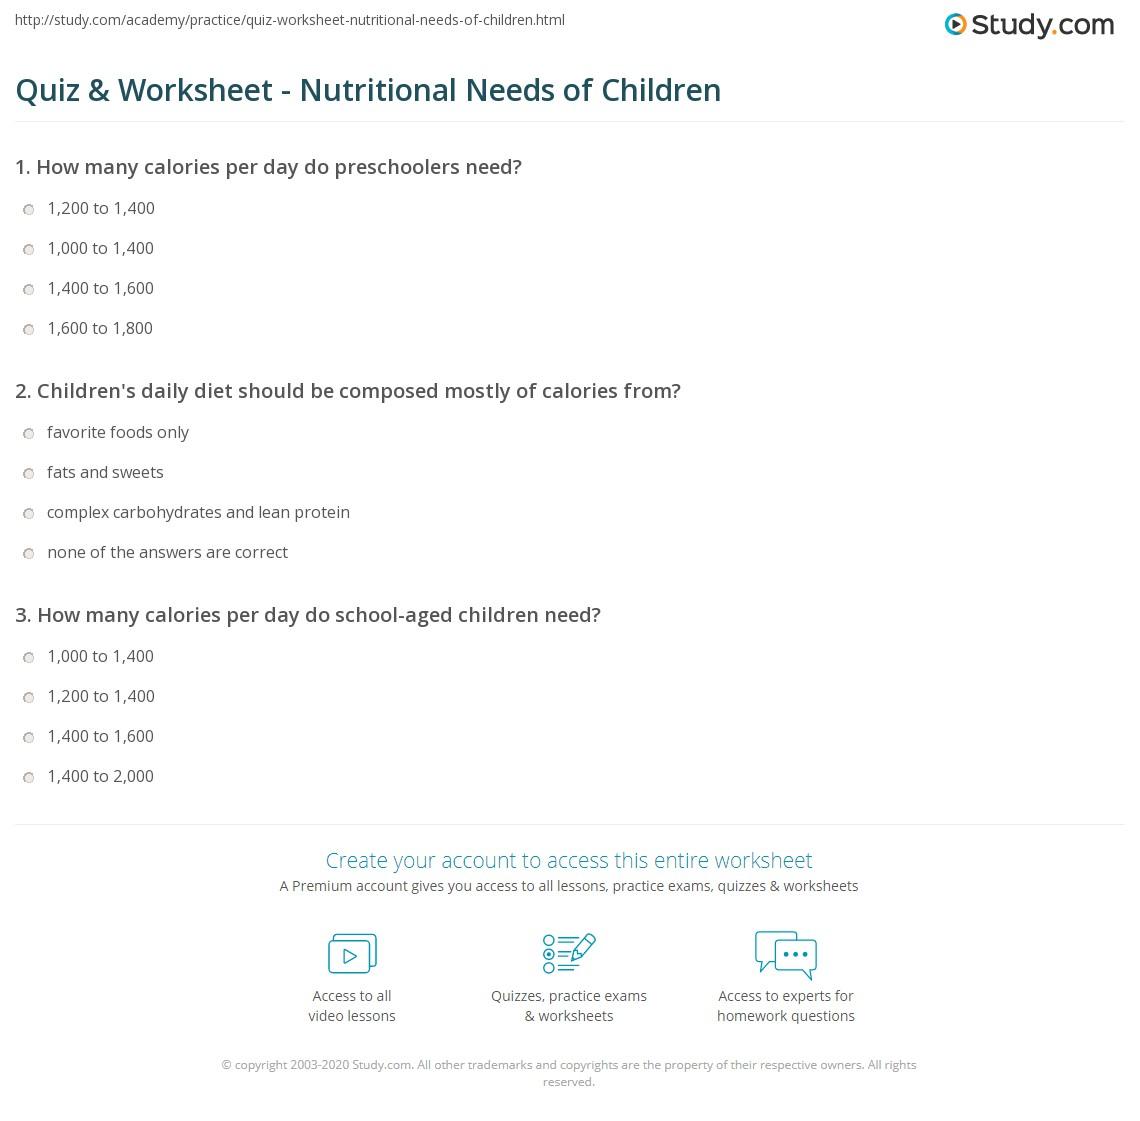 Quiz & Worksheet - Nutritional Needs of Children | Study.com